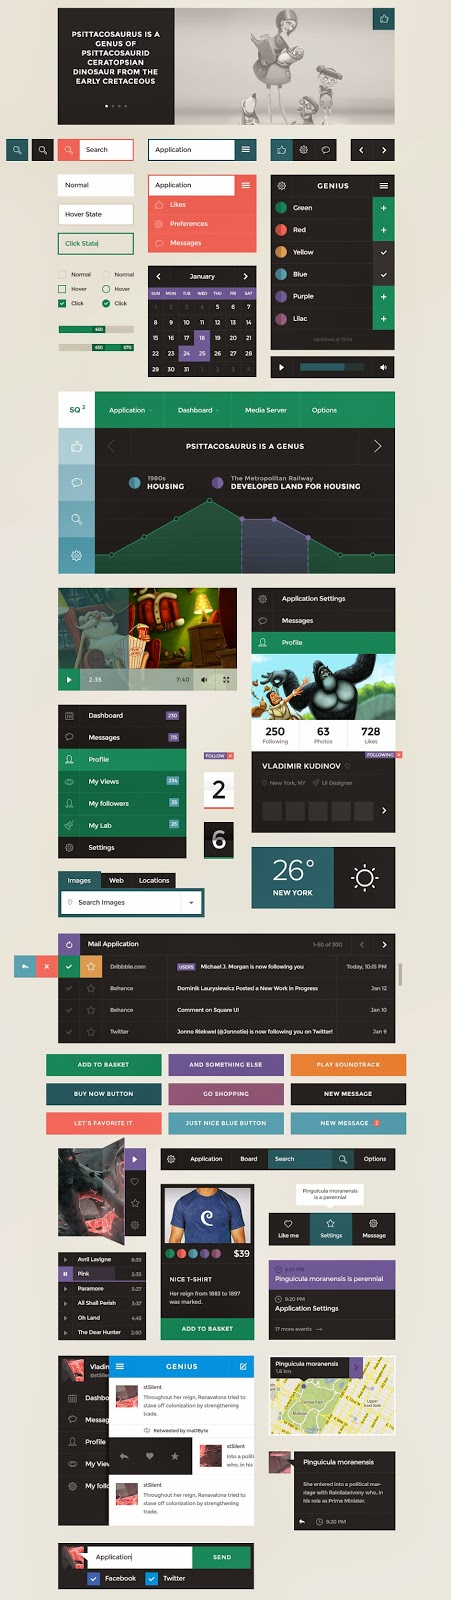 Free Square UI Kit PSD